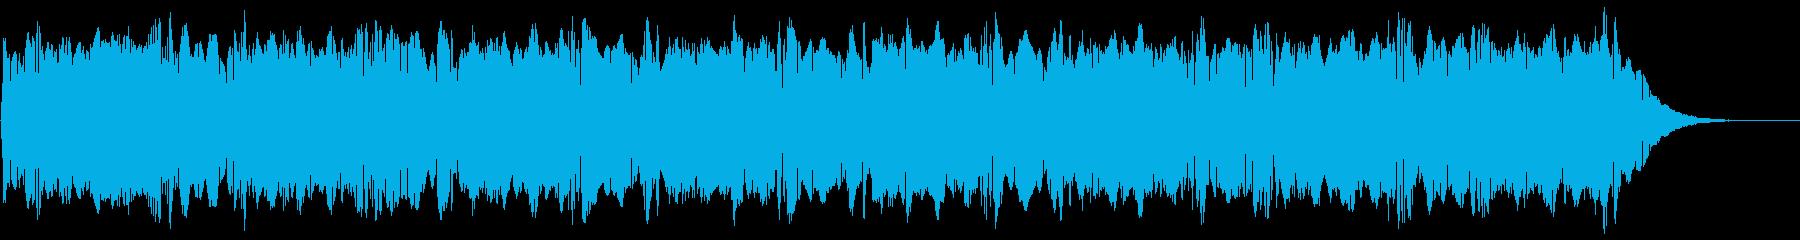 ライトセーバー音 ロング版 ブーン 光剣の再生済みの波形